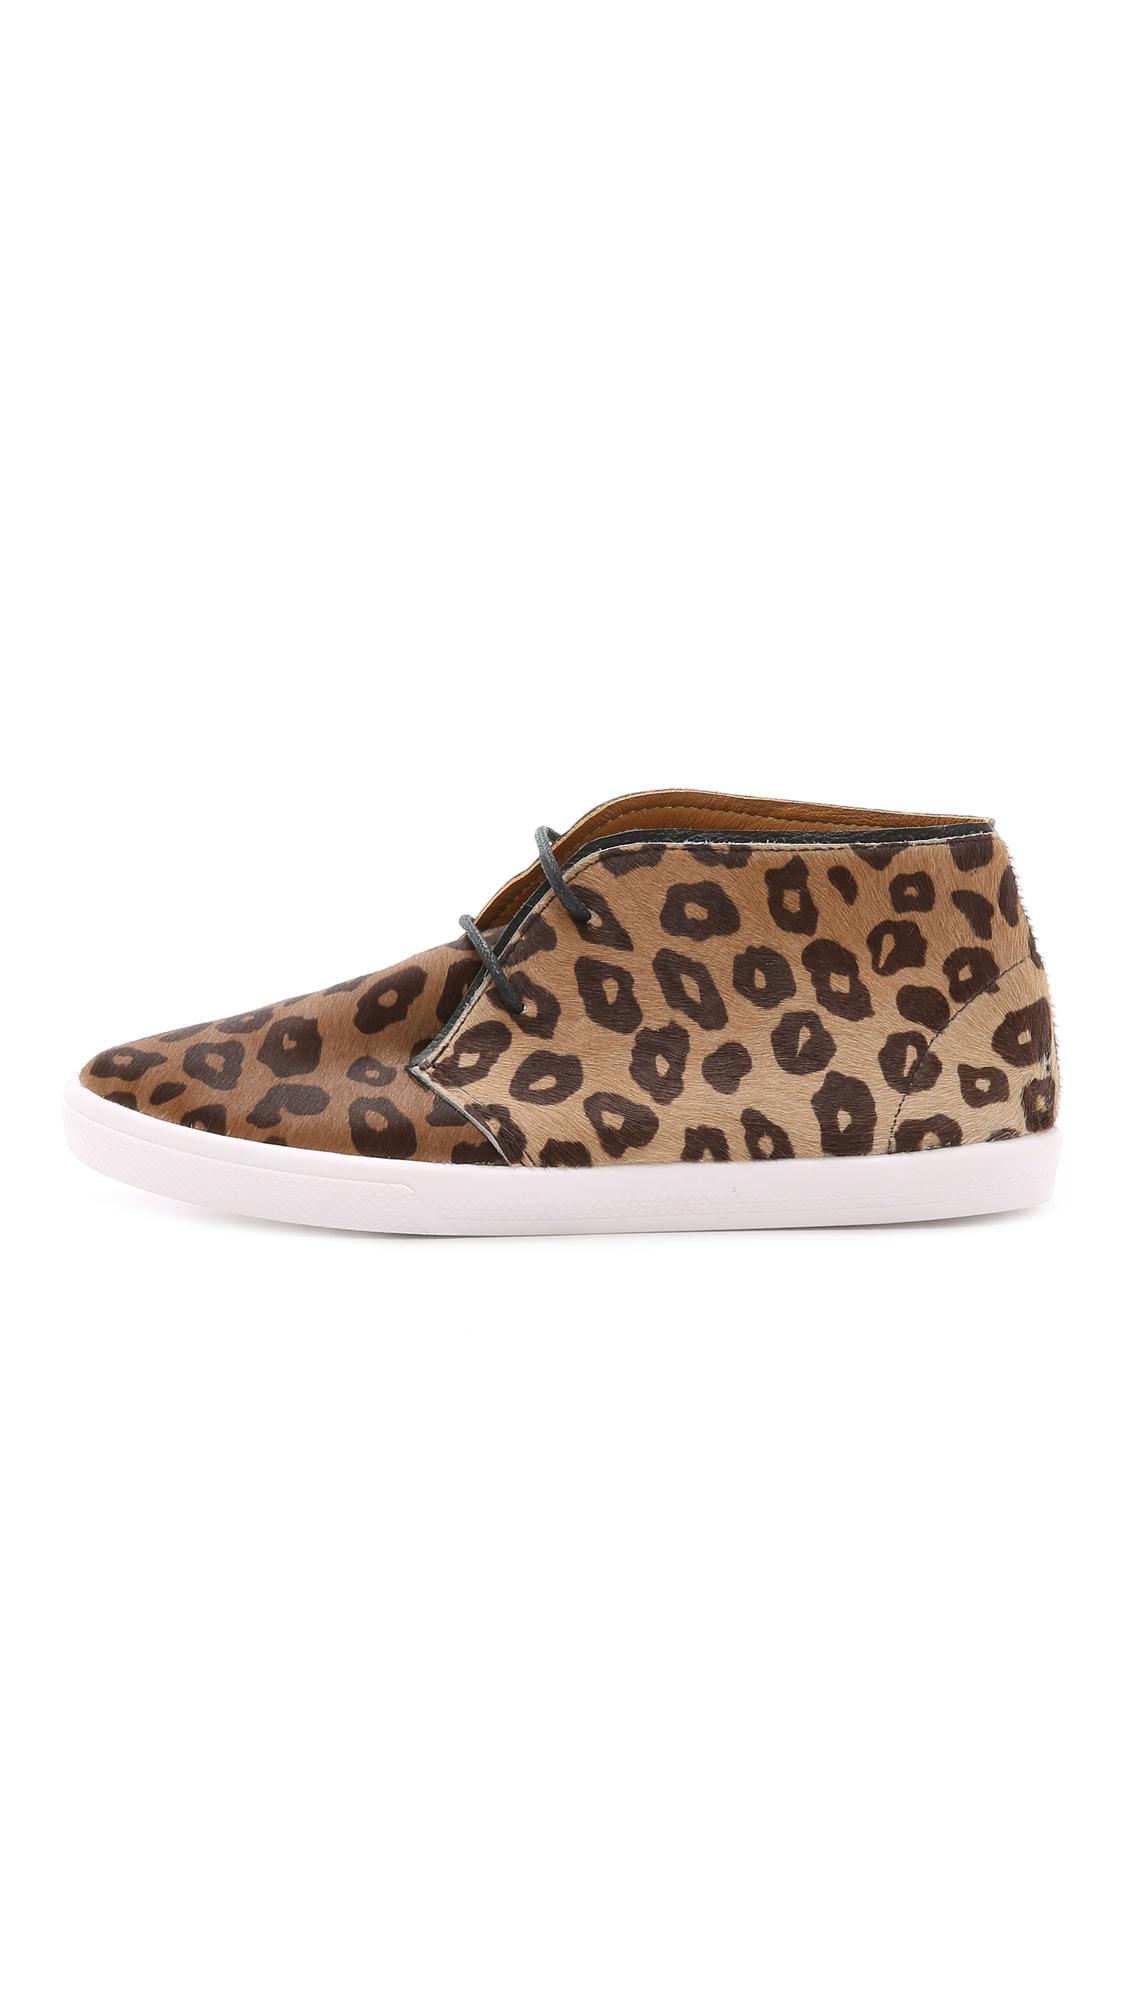 Kaanas Congo Haircalf Booties - Cheetah in Black